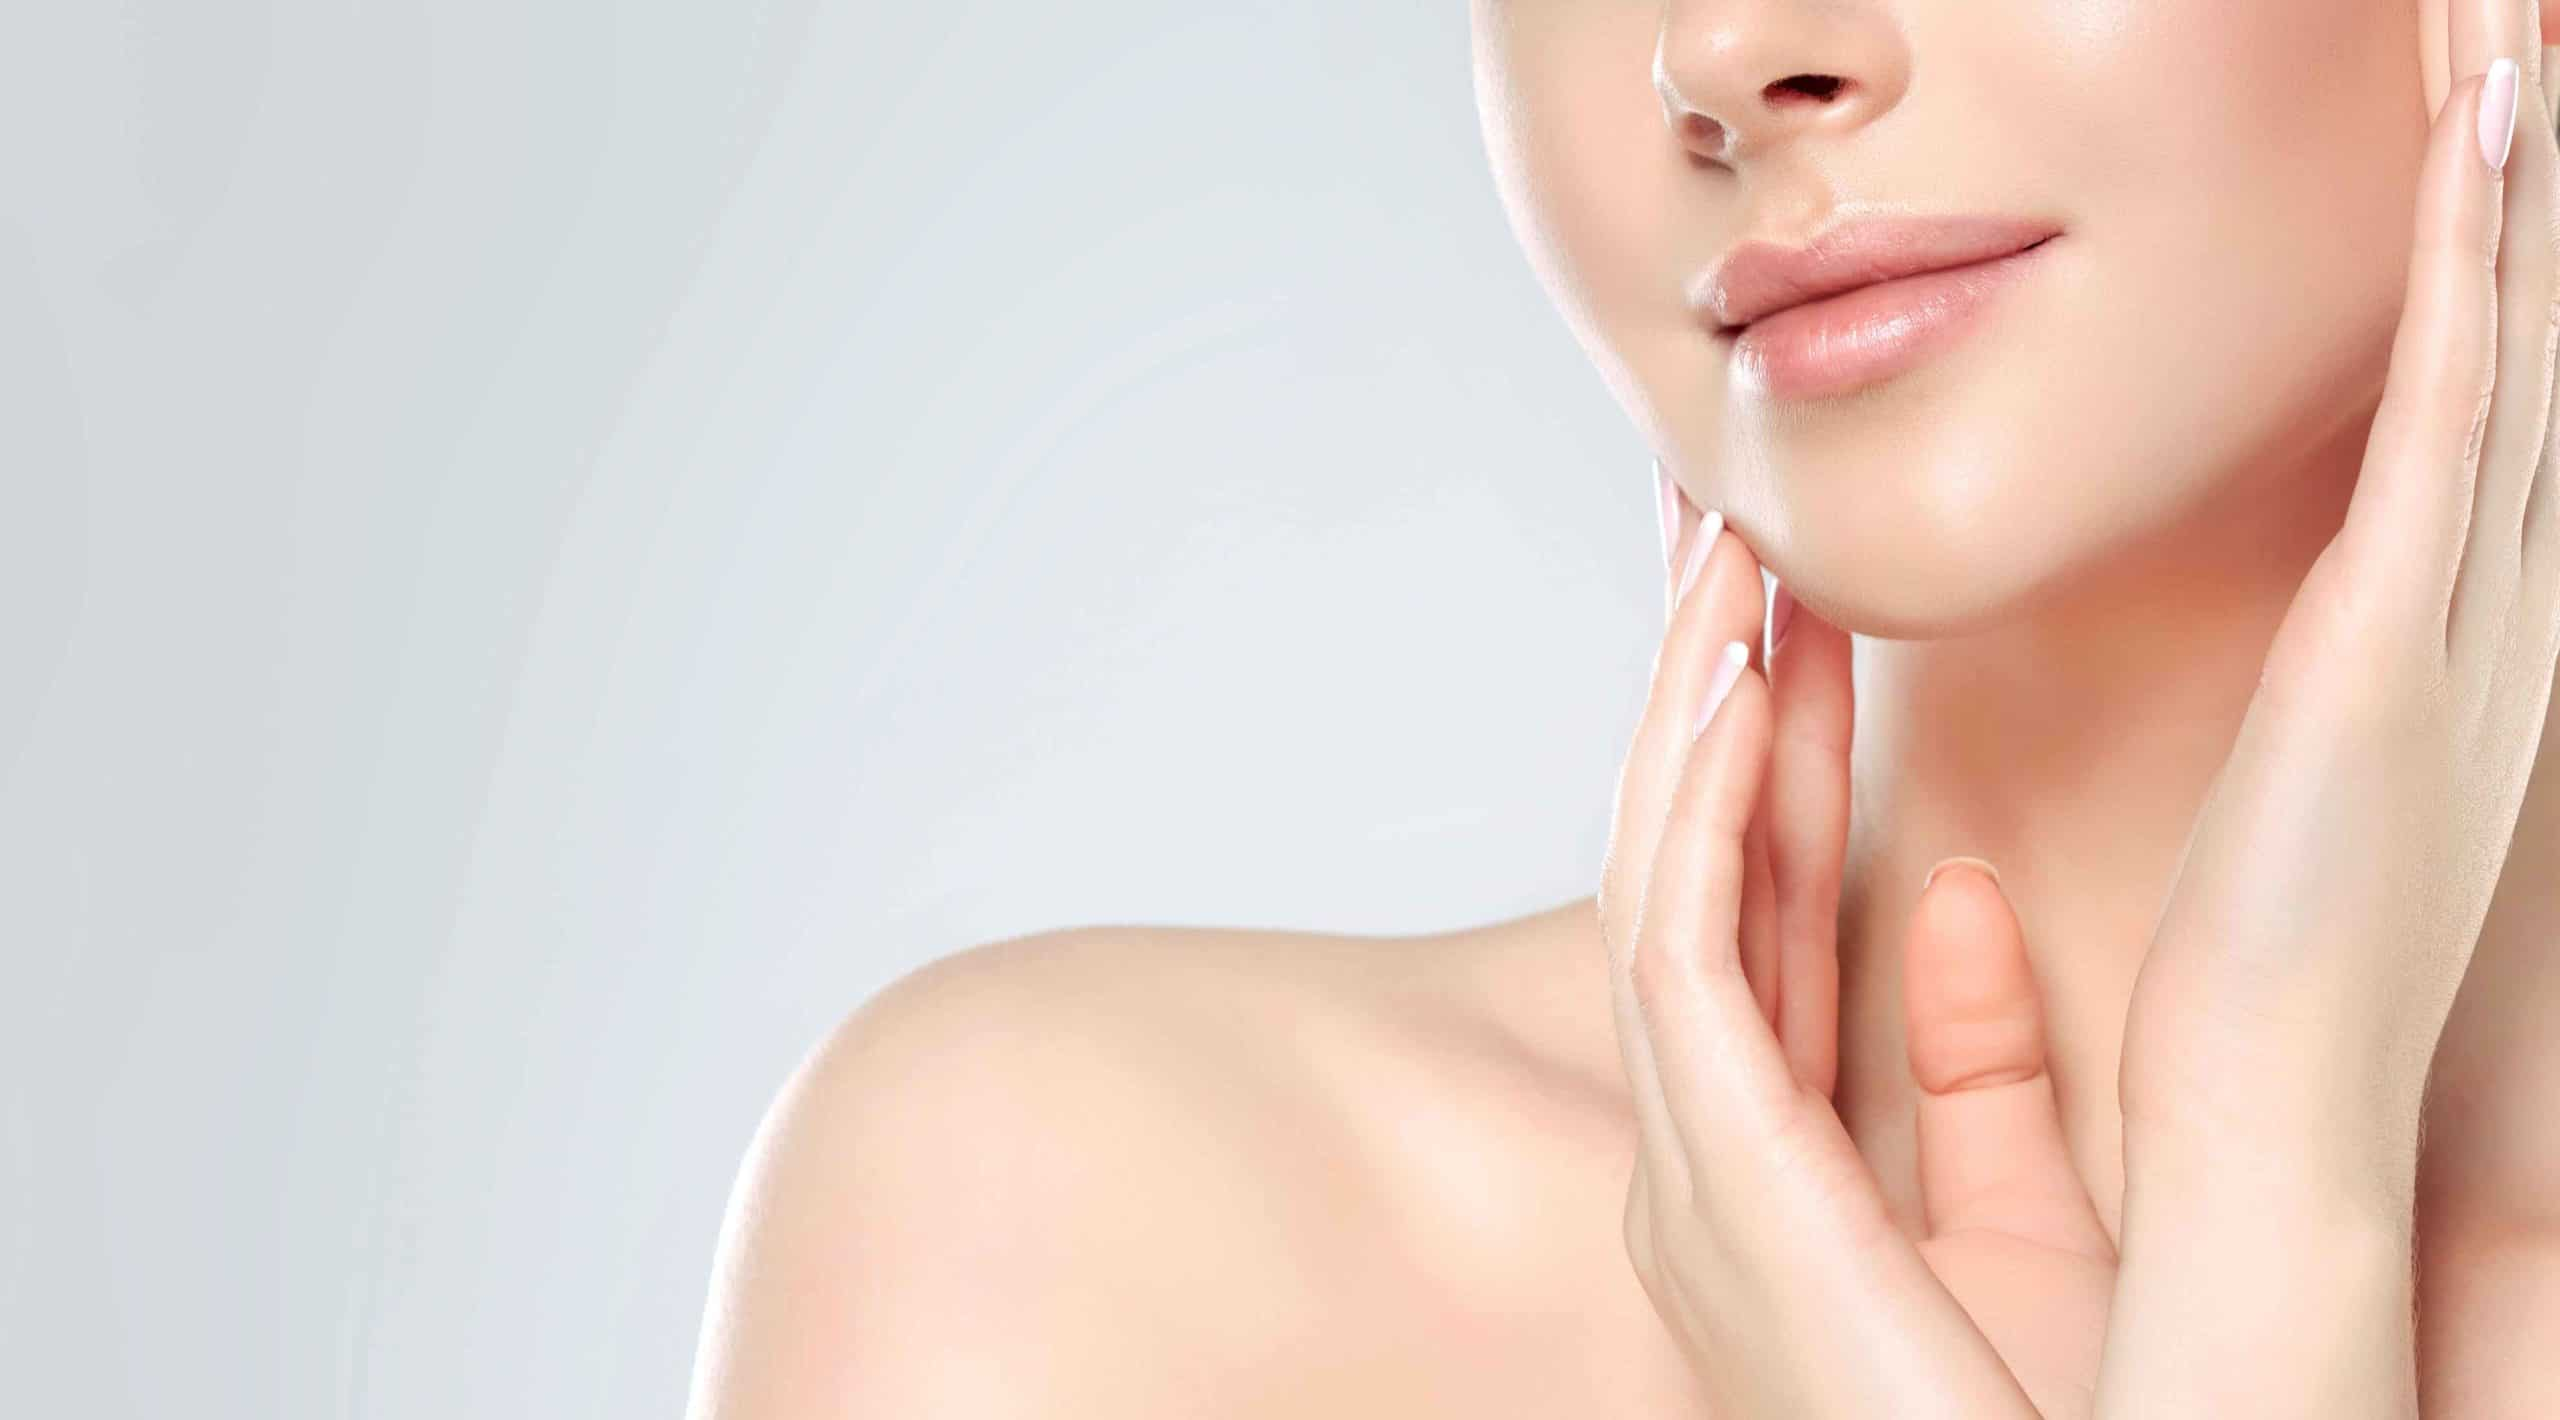 Elasticidade da pele colageno.